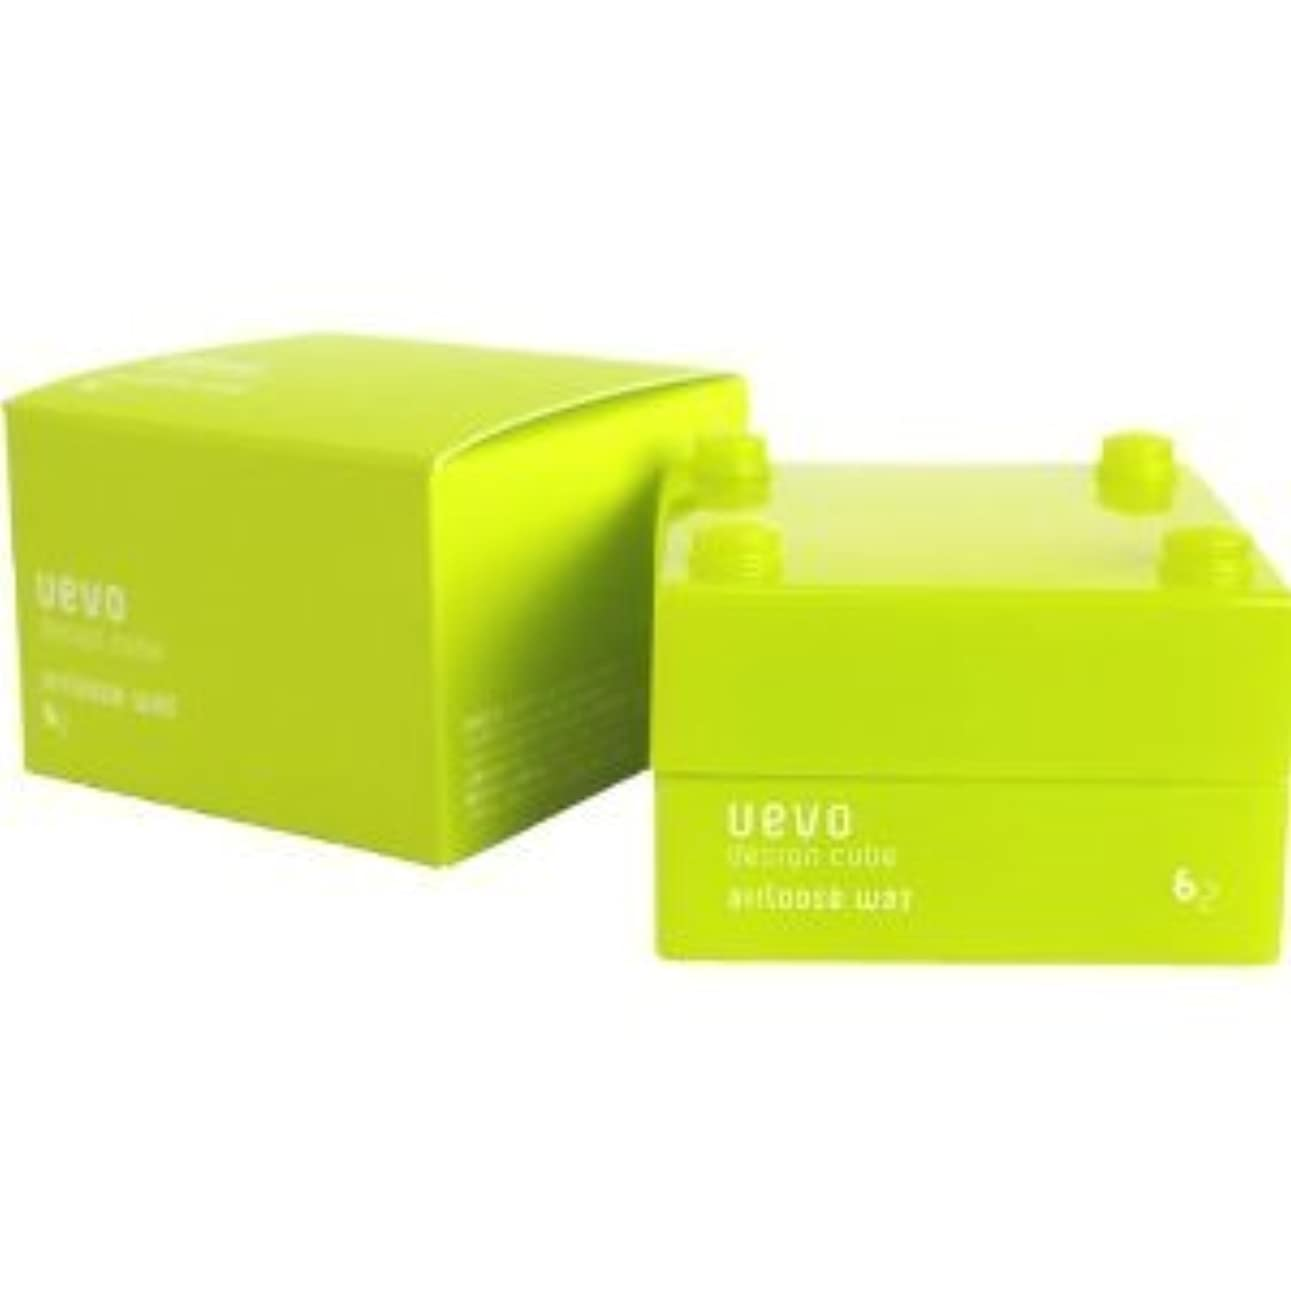 盆地する最高【X3個セット】 デミ ウェーボ デザインキューブ エアルーズワックス 30g airloose wax DEMI uevo design cube